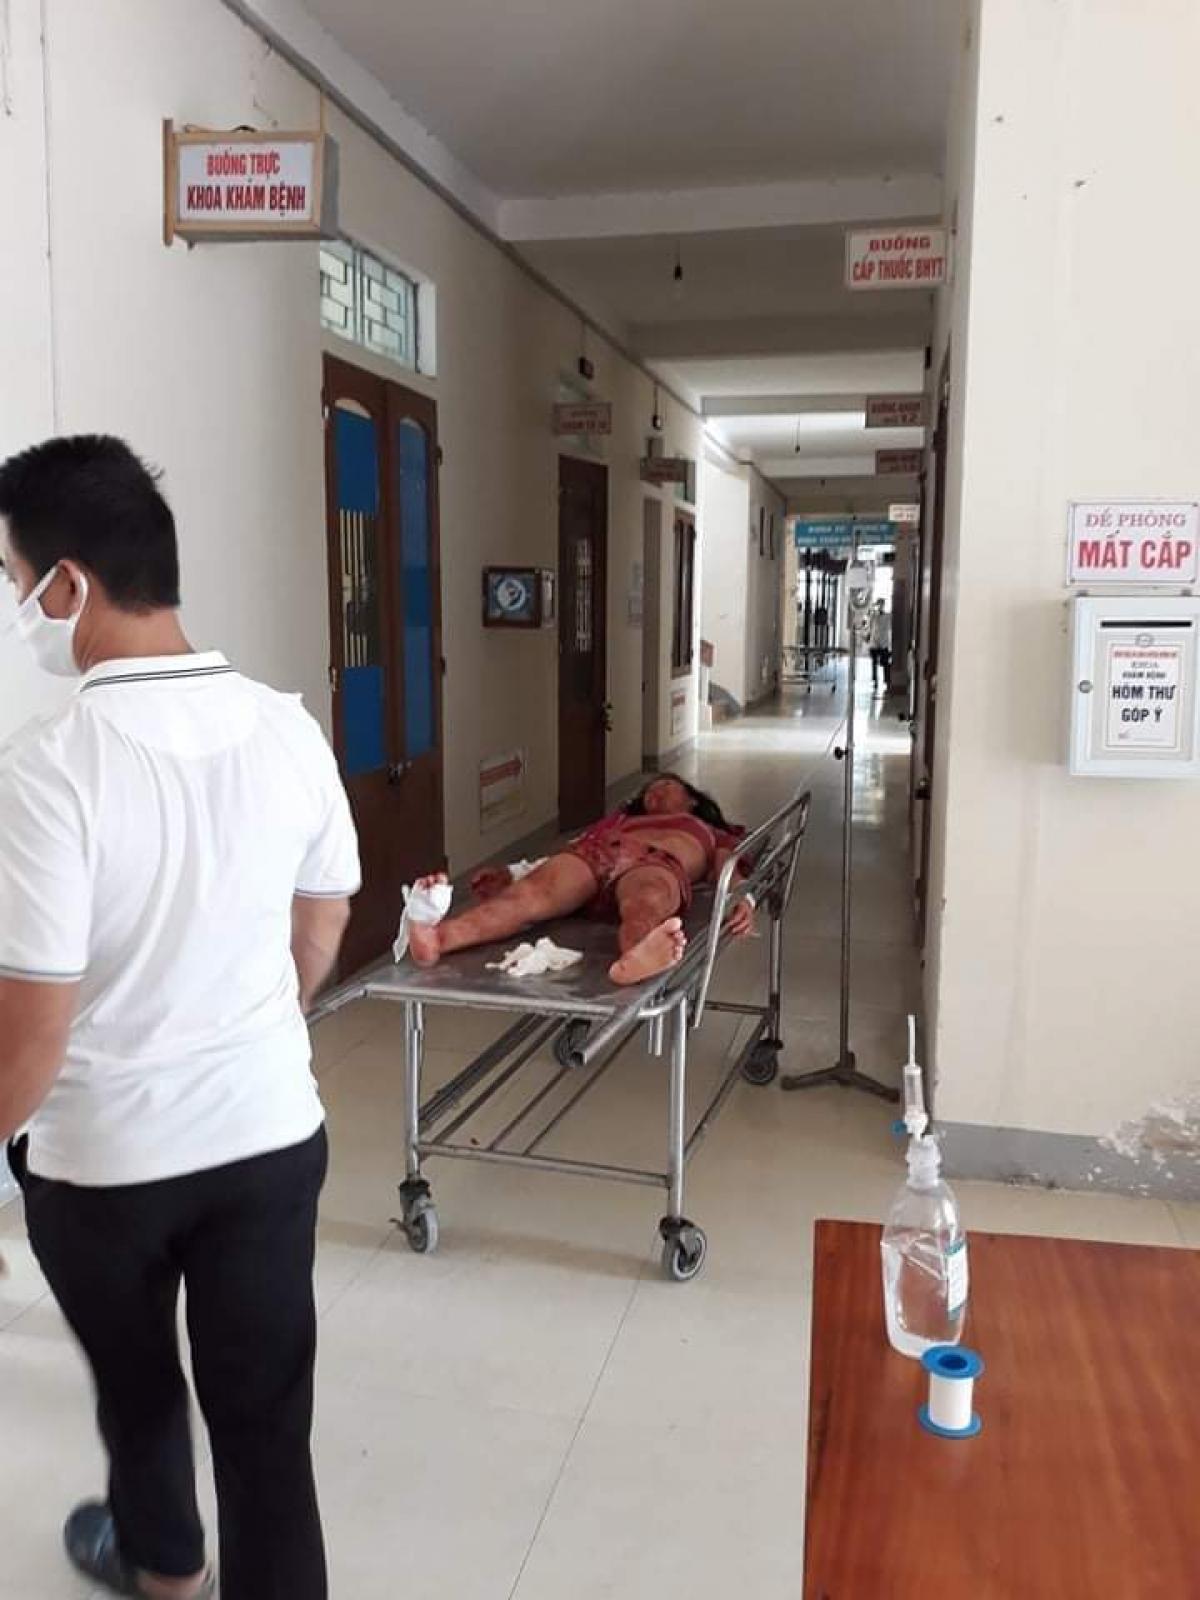 Xe cứu thương chở người chồng cùng con gái bị thương vào bệnh viện cấp cứu sau án mạng.